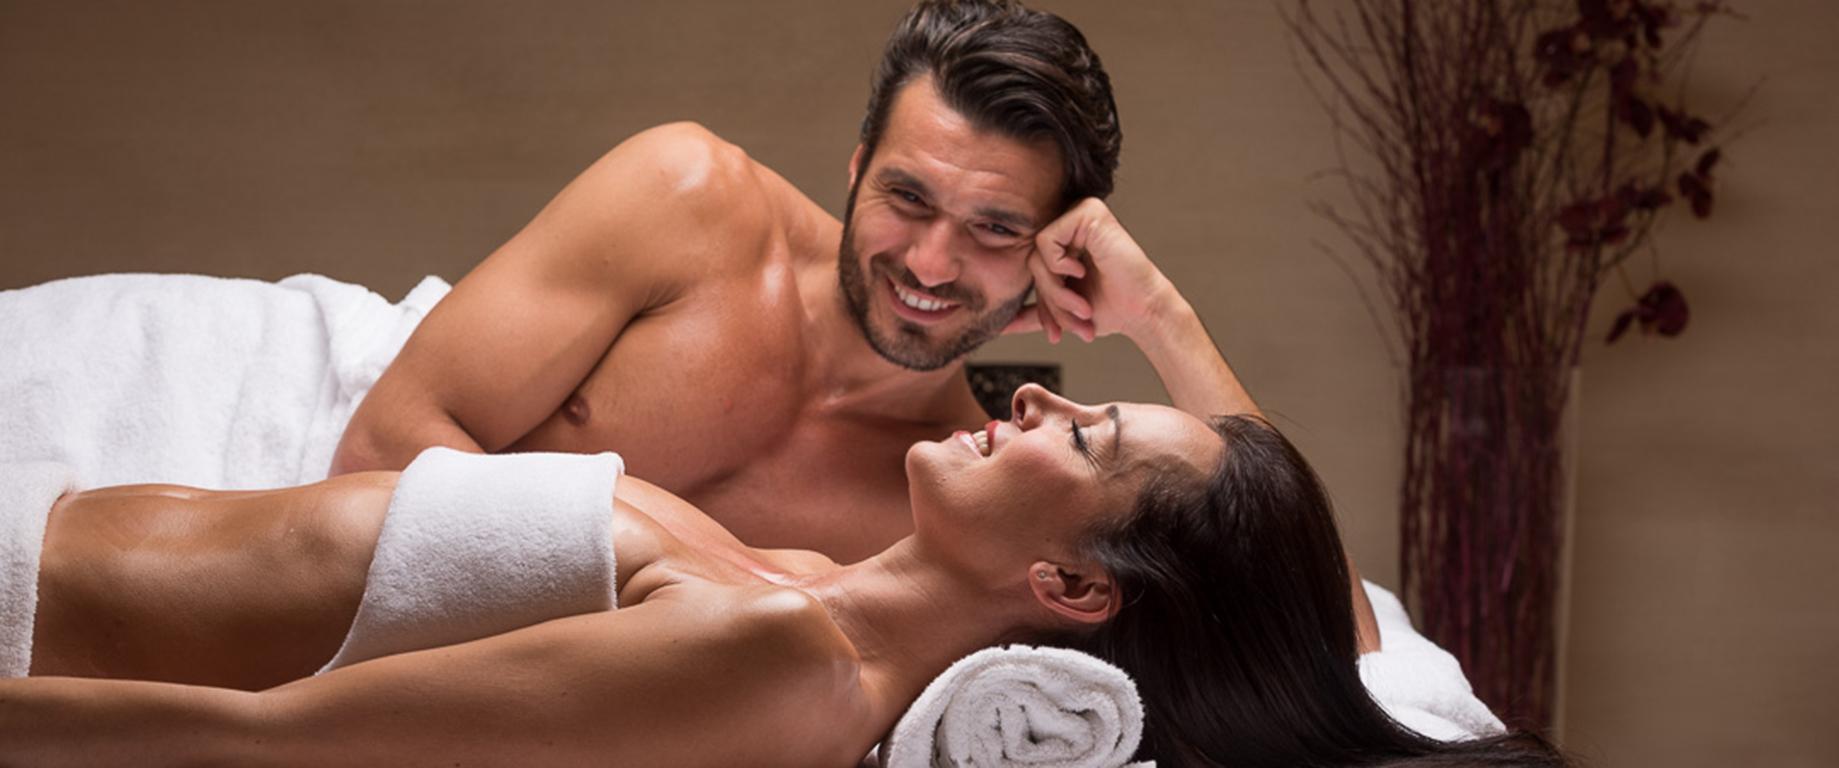 Centro benessere e spa Verona